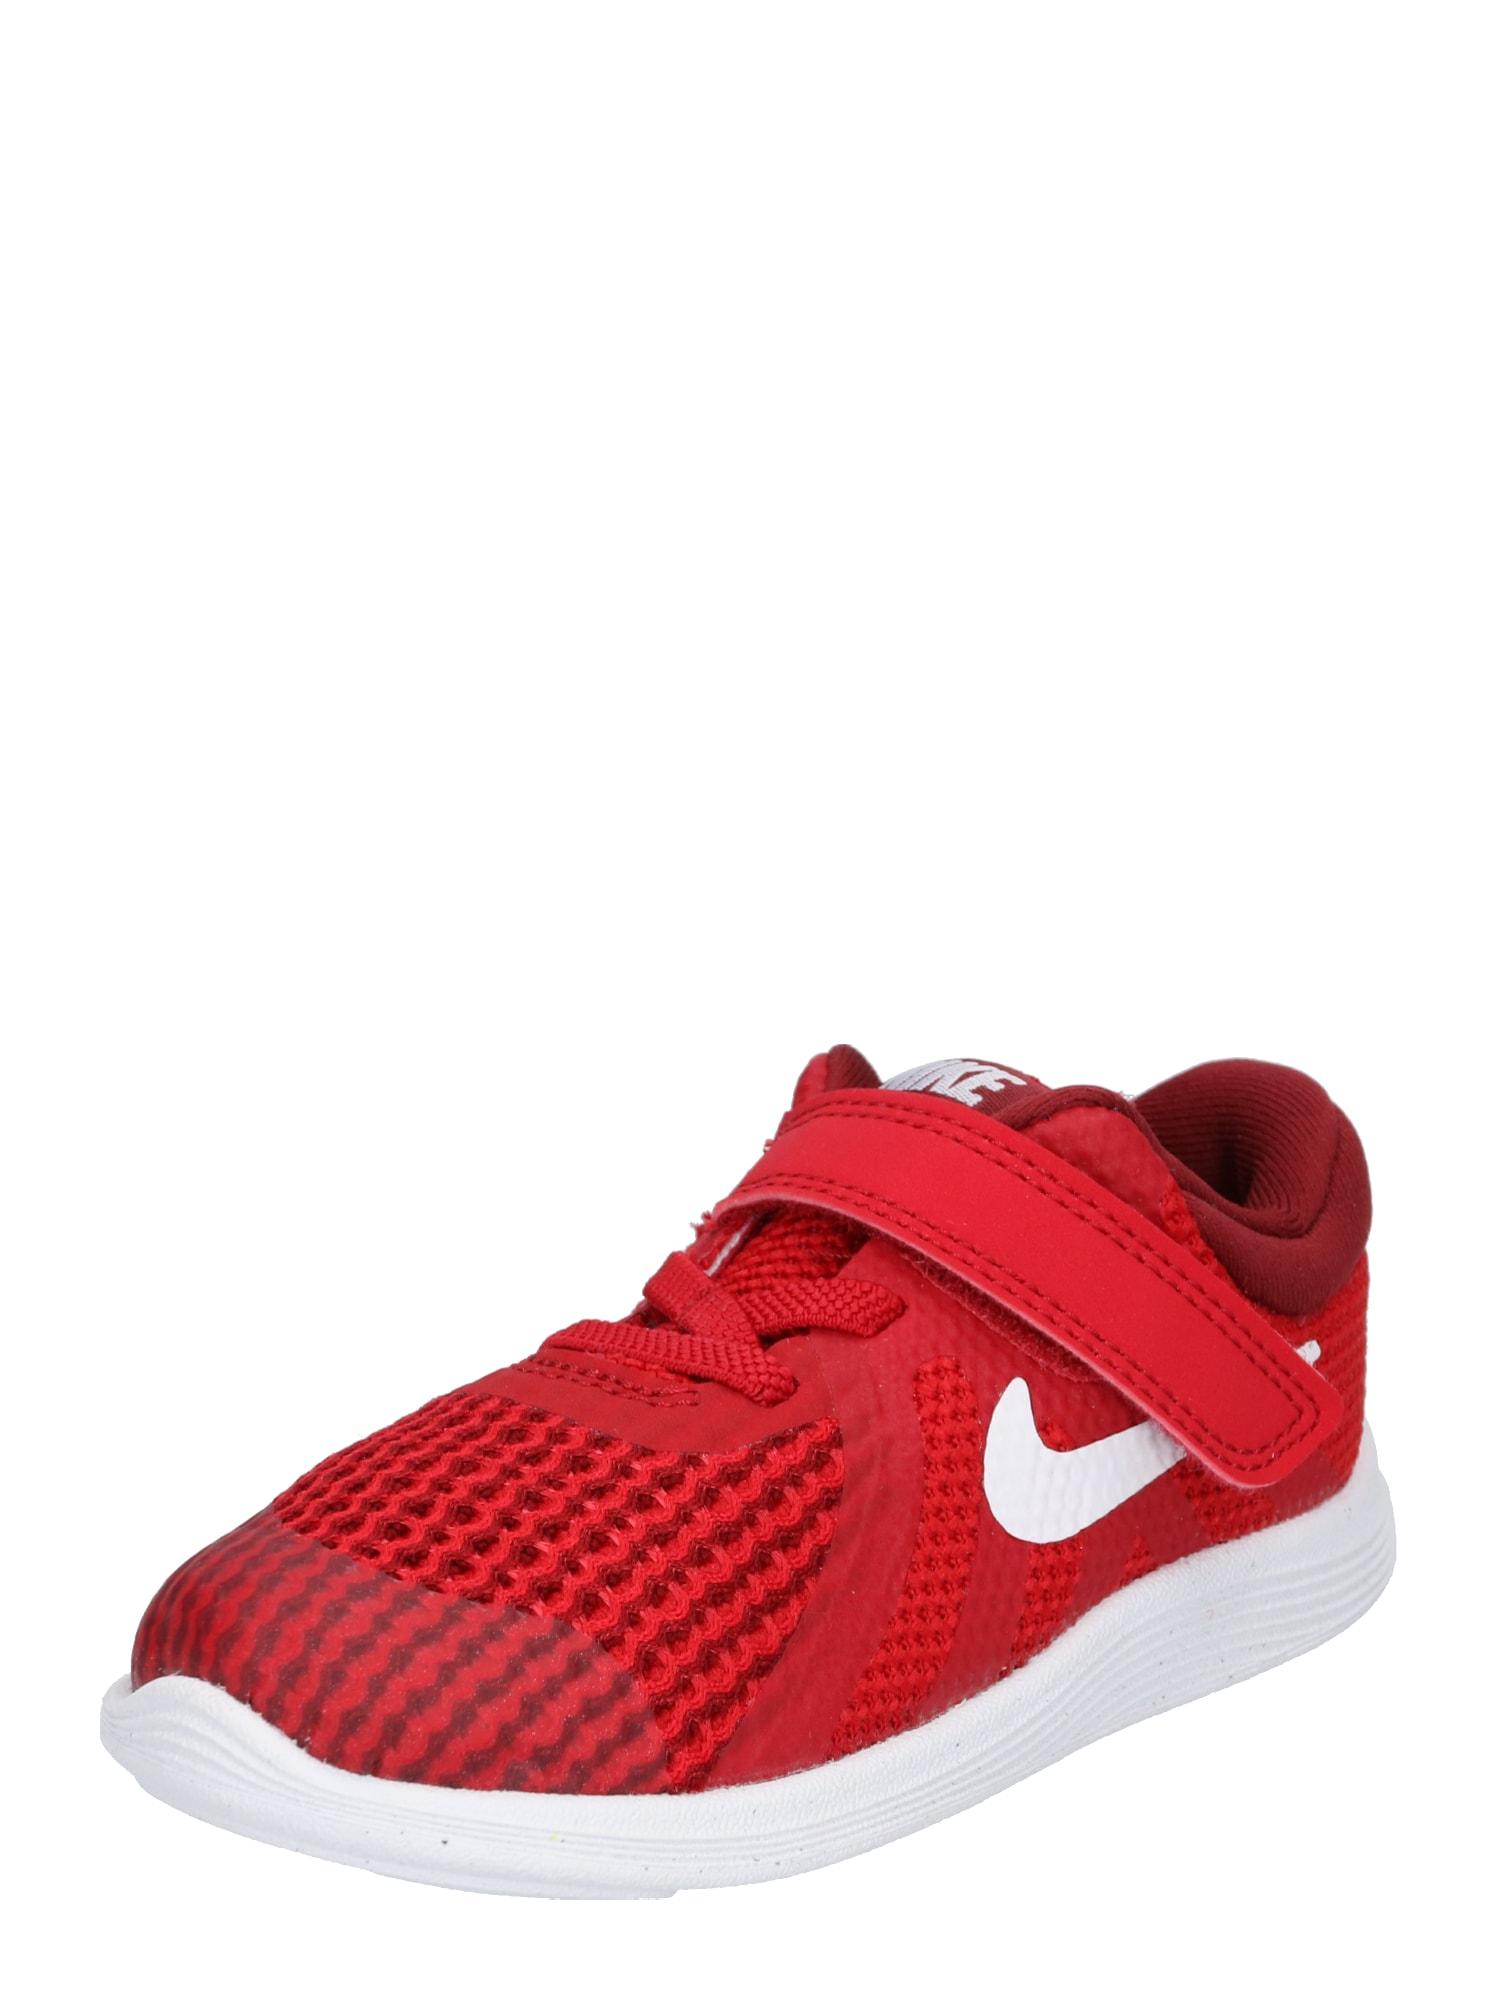 Tenisky Revolution 4 červená bílá Nike Sportswear